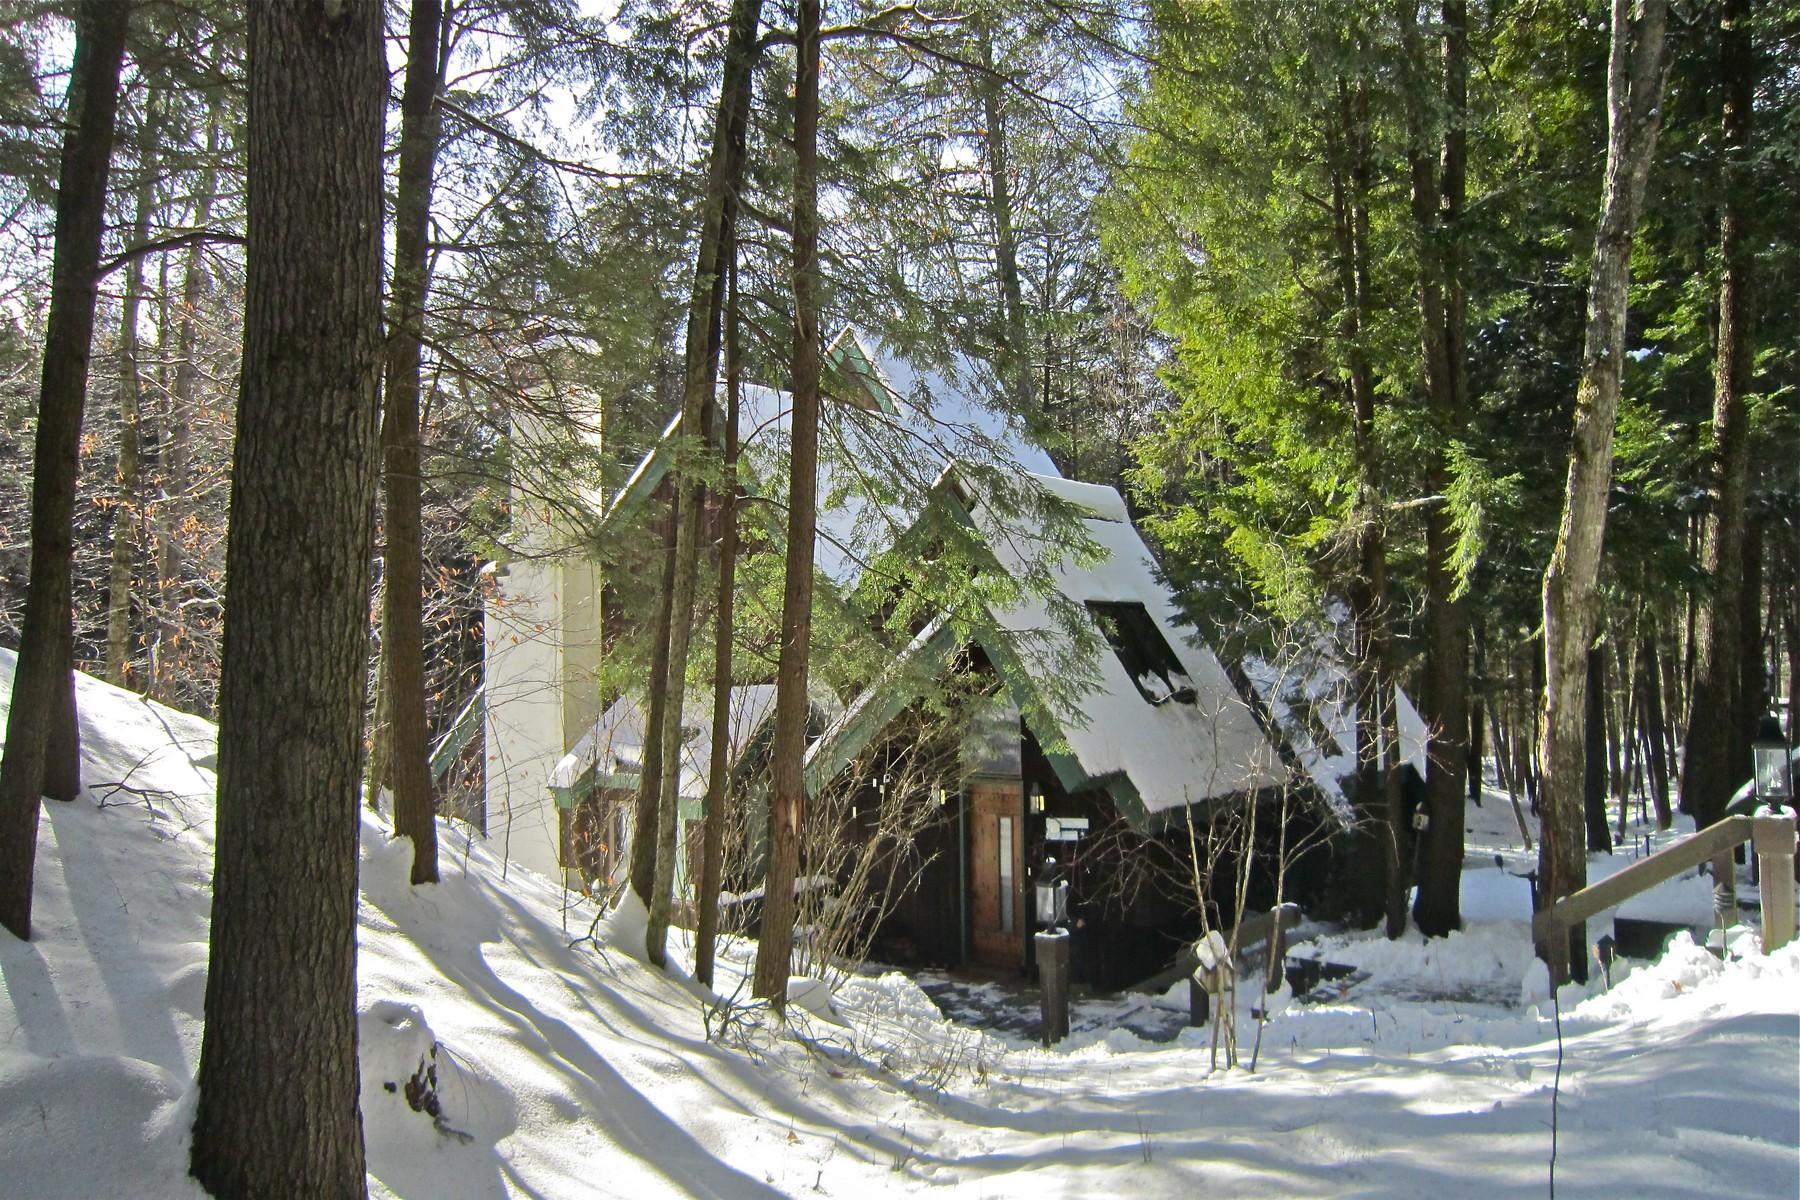 独户住宅 为 销售 在 Tucked in the Woods 469 Salt Ash Rd 普利茅斯, 佛蒙特州, 05056 美国